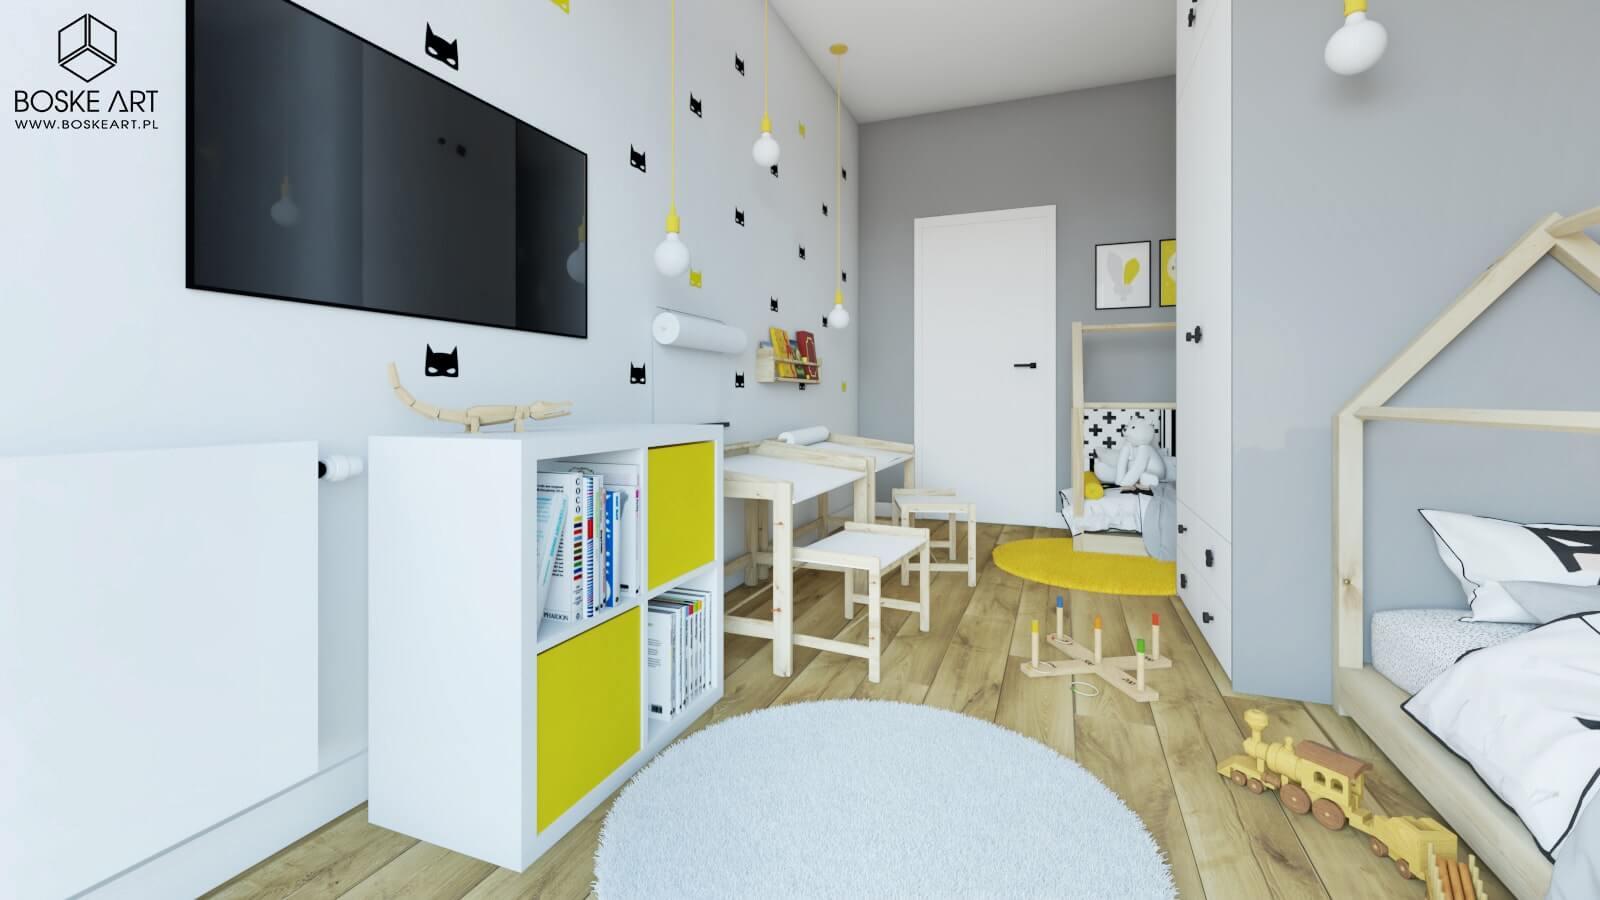 7_mieszkanie_poznan_boske_art_projektowanie_wnetrz_architektura_natalia_robaszkiewicz-min